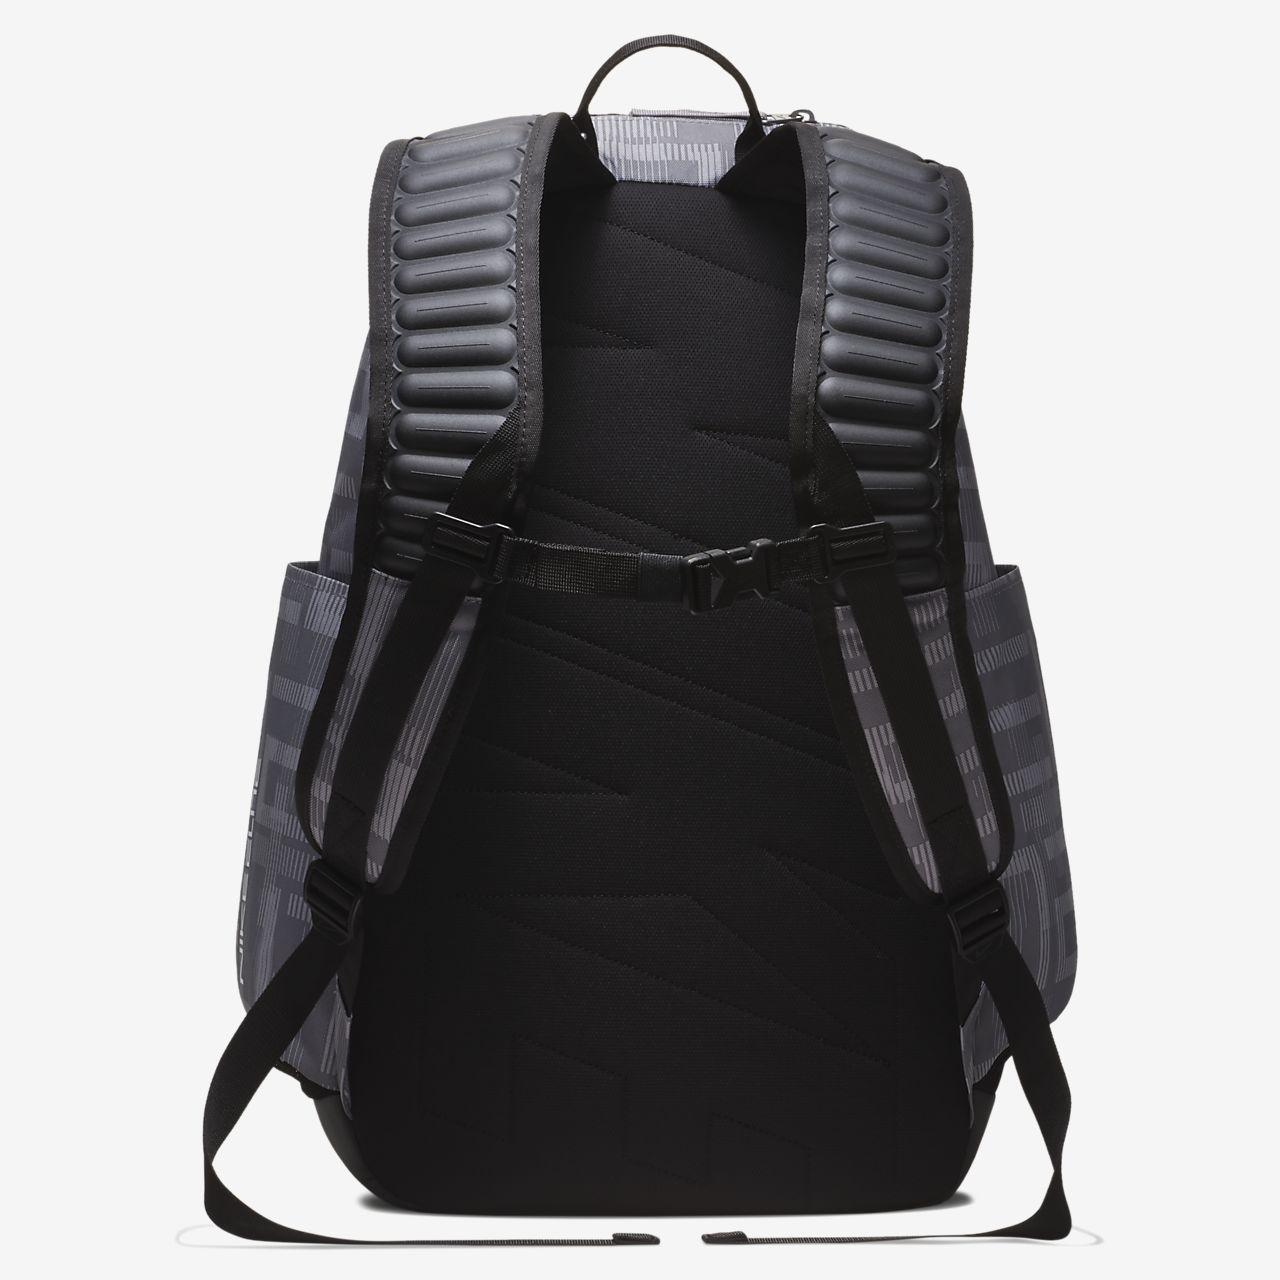 bdd1fad3e0e Nike Hoops Elite Max Air Team 2.0 Graphic Basketball Backpack. Nike ...